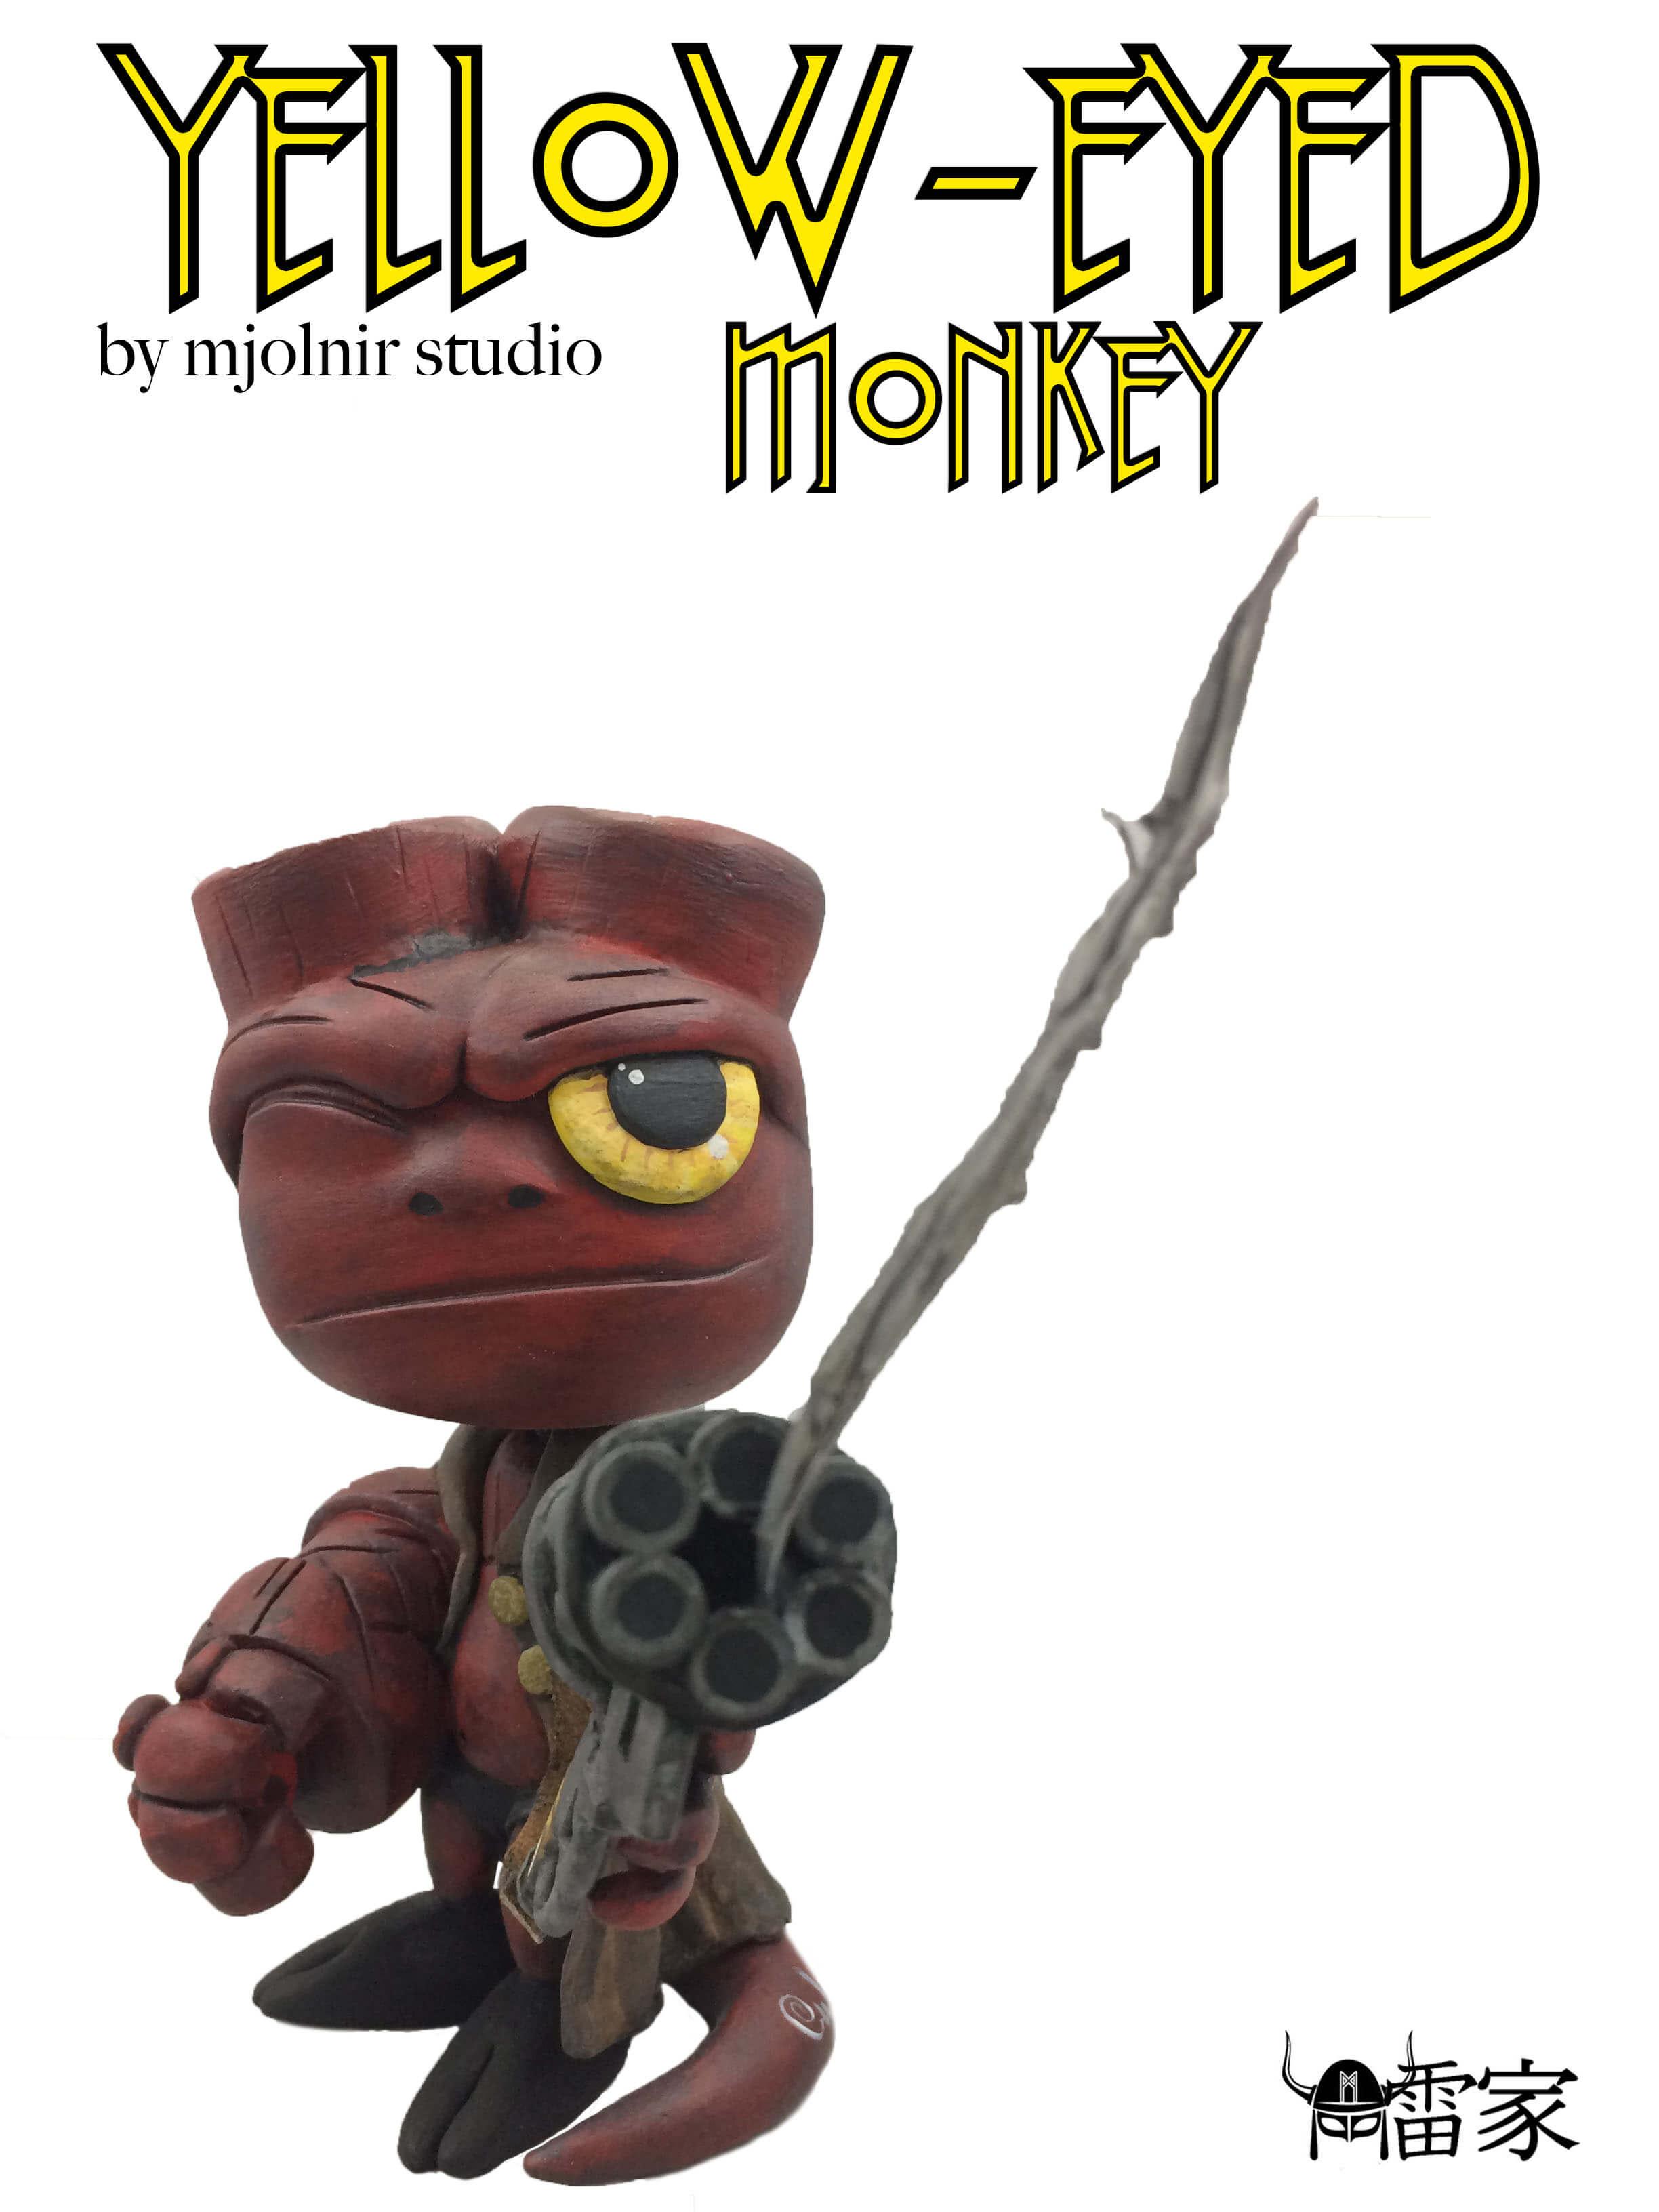 yellow-eyed-monkey-reveal-by-mjolnir-studio